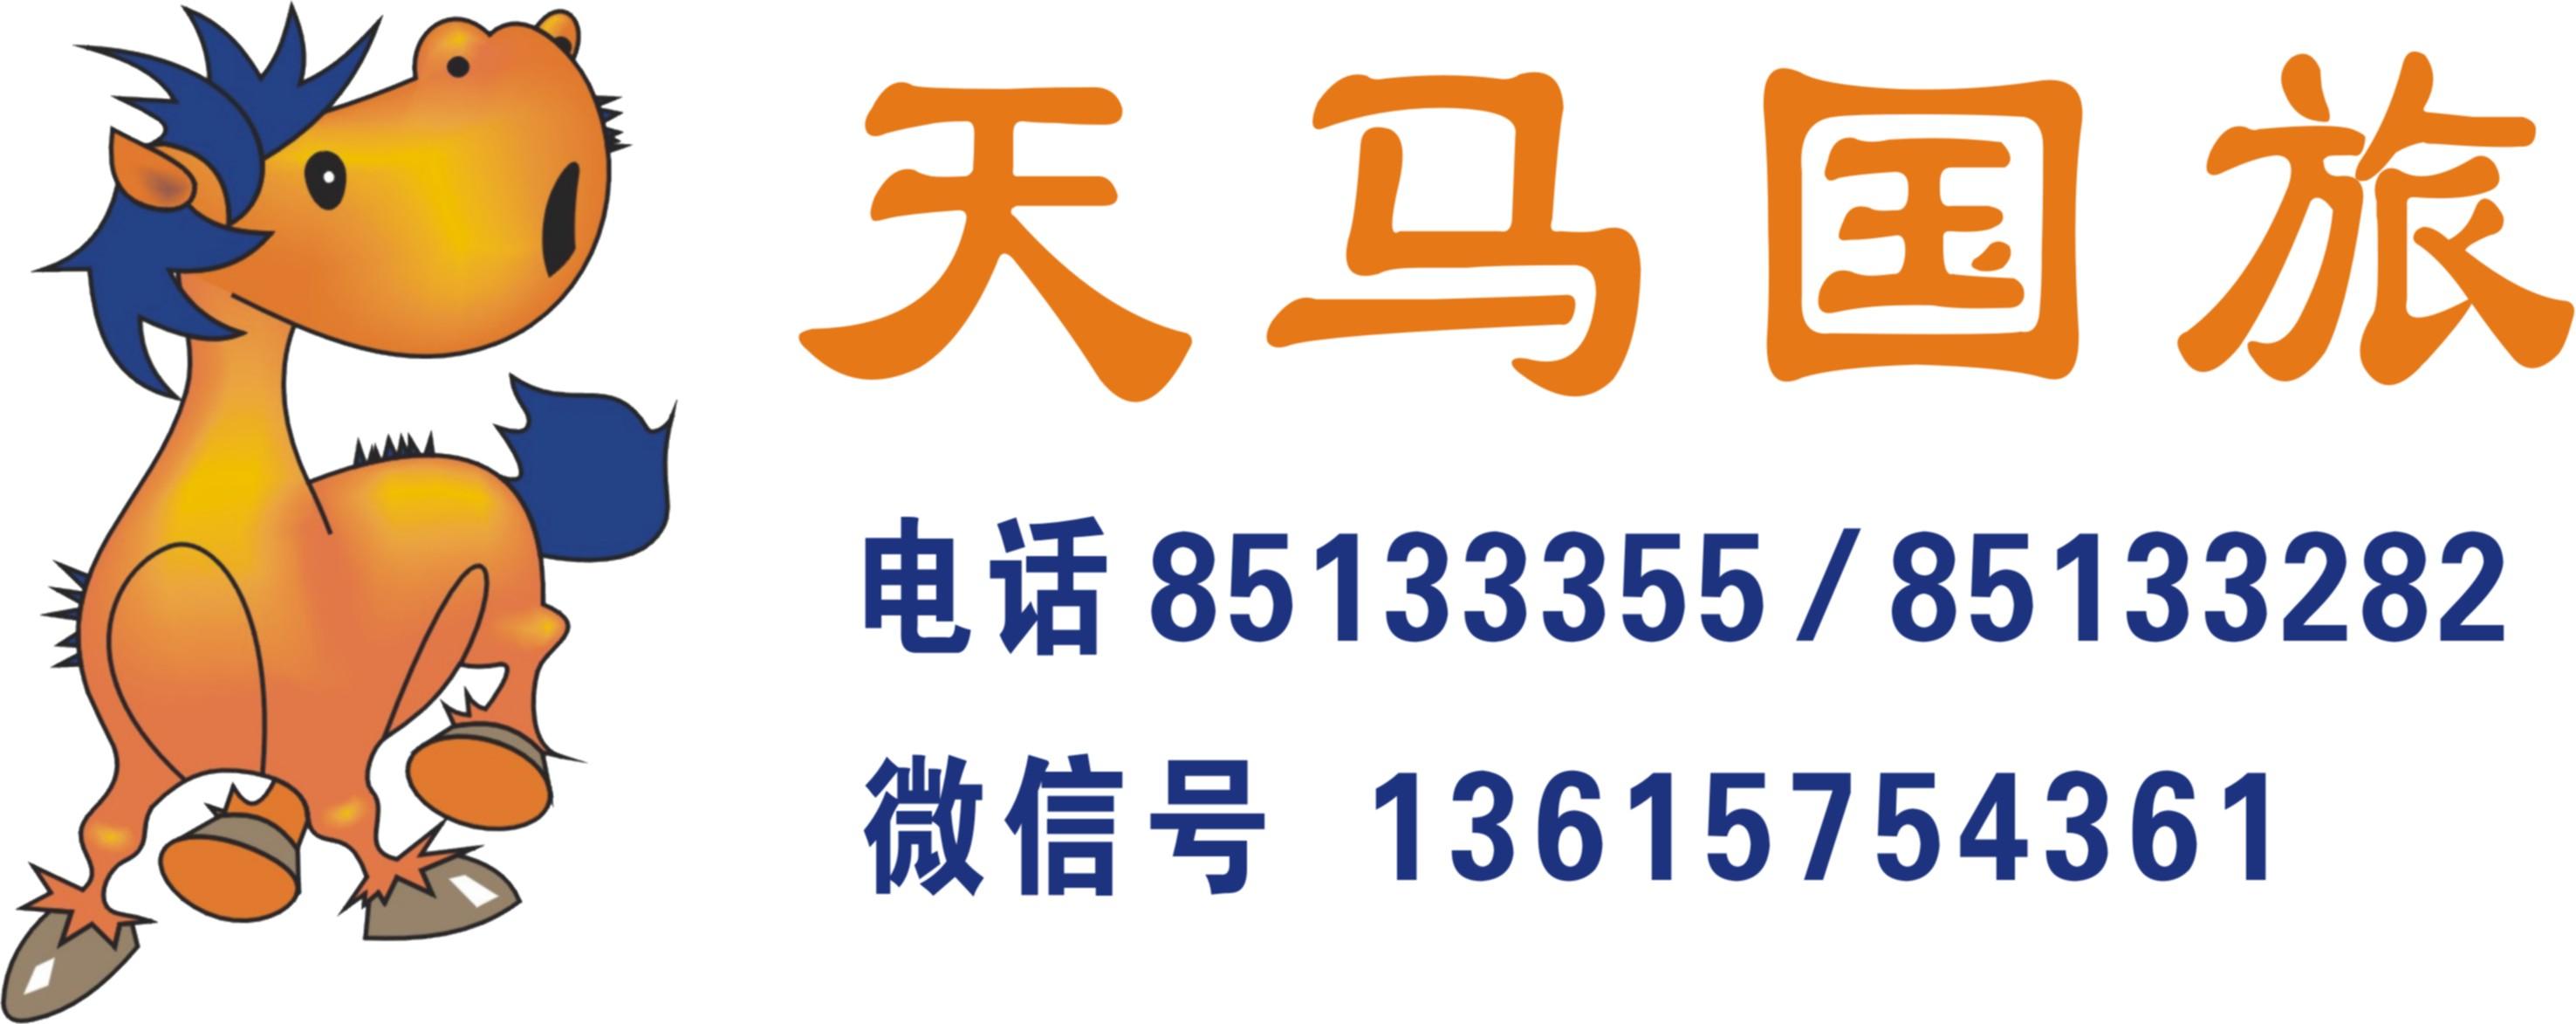 4.23【普陀山祈福朝圣二日游】不含小门票香花券26元/人